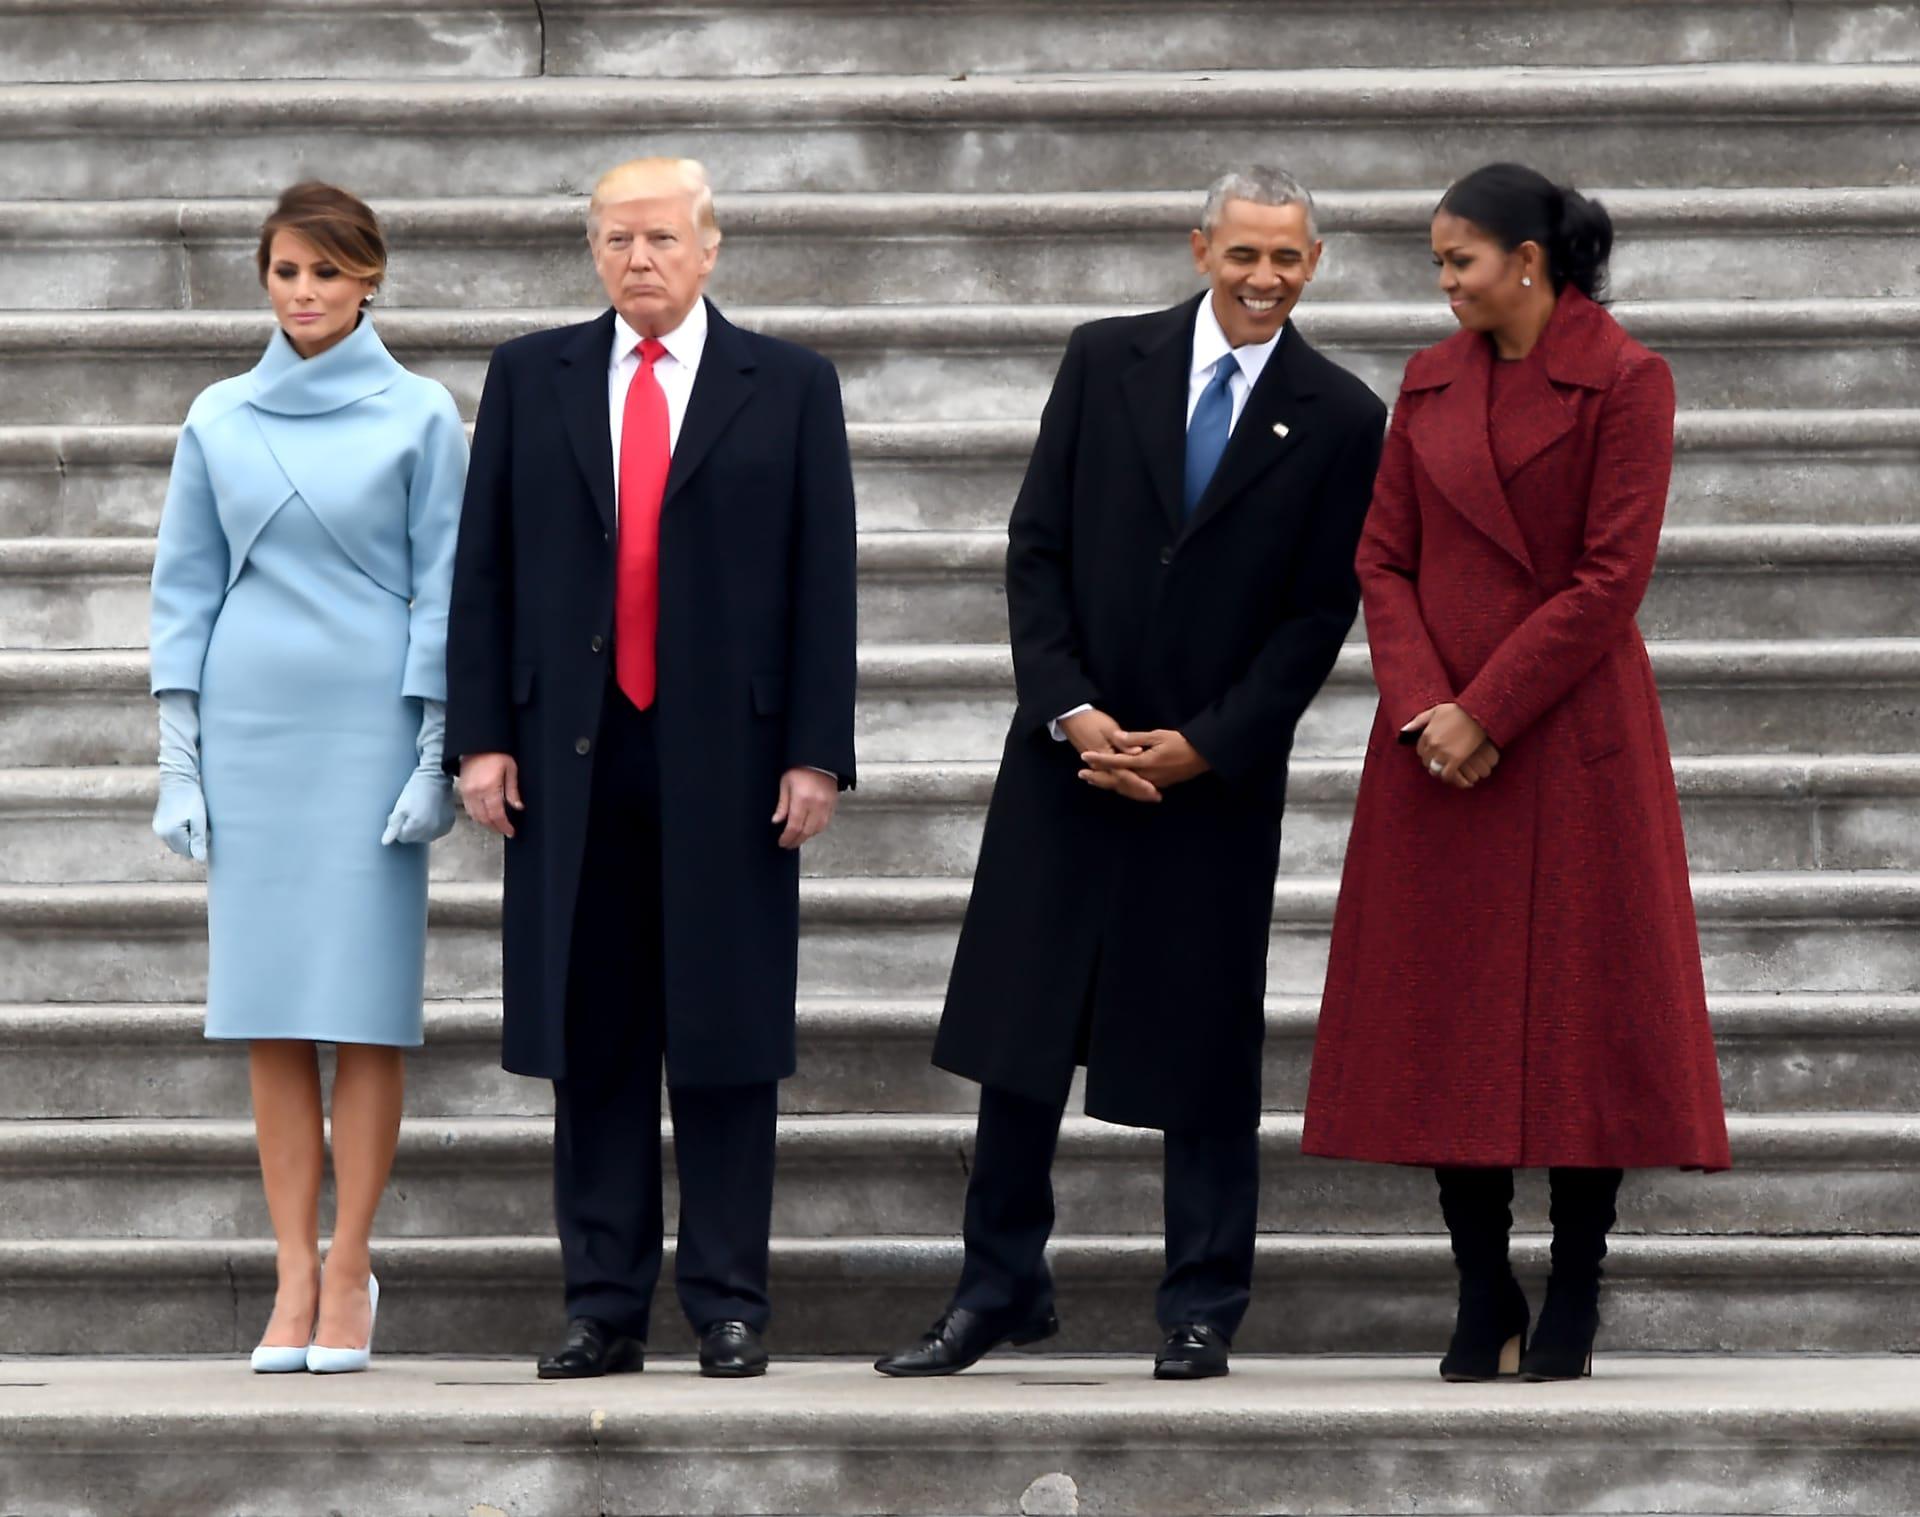 بعد رفض ترامب تنصيب بايدن.. تعرف إلى رؤساء أمريكا الذين لم يحضروا حفل التنصيب